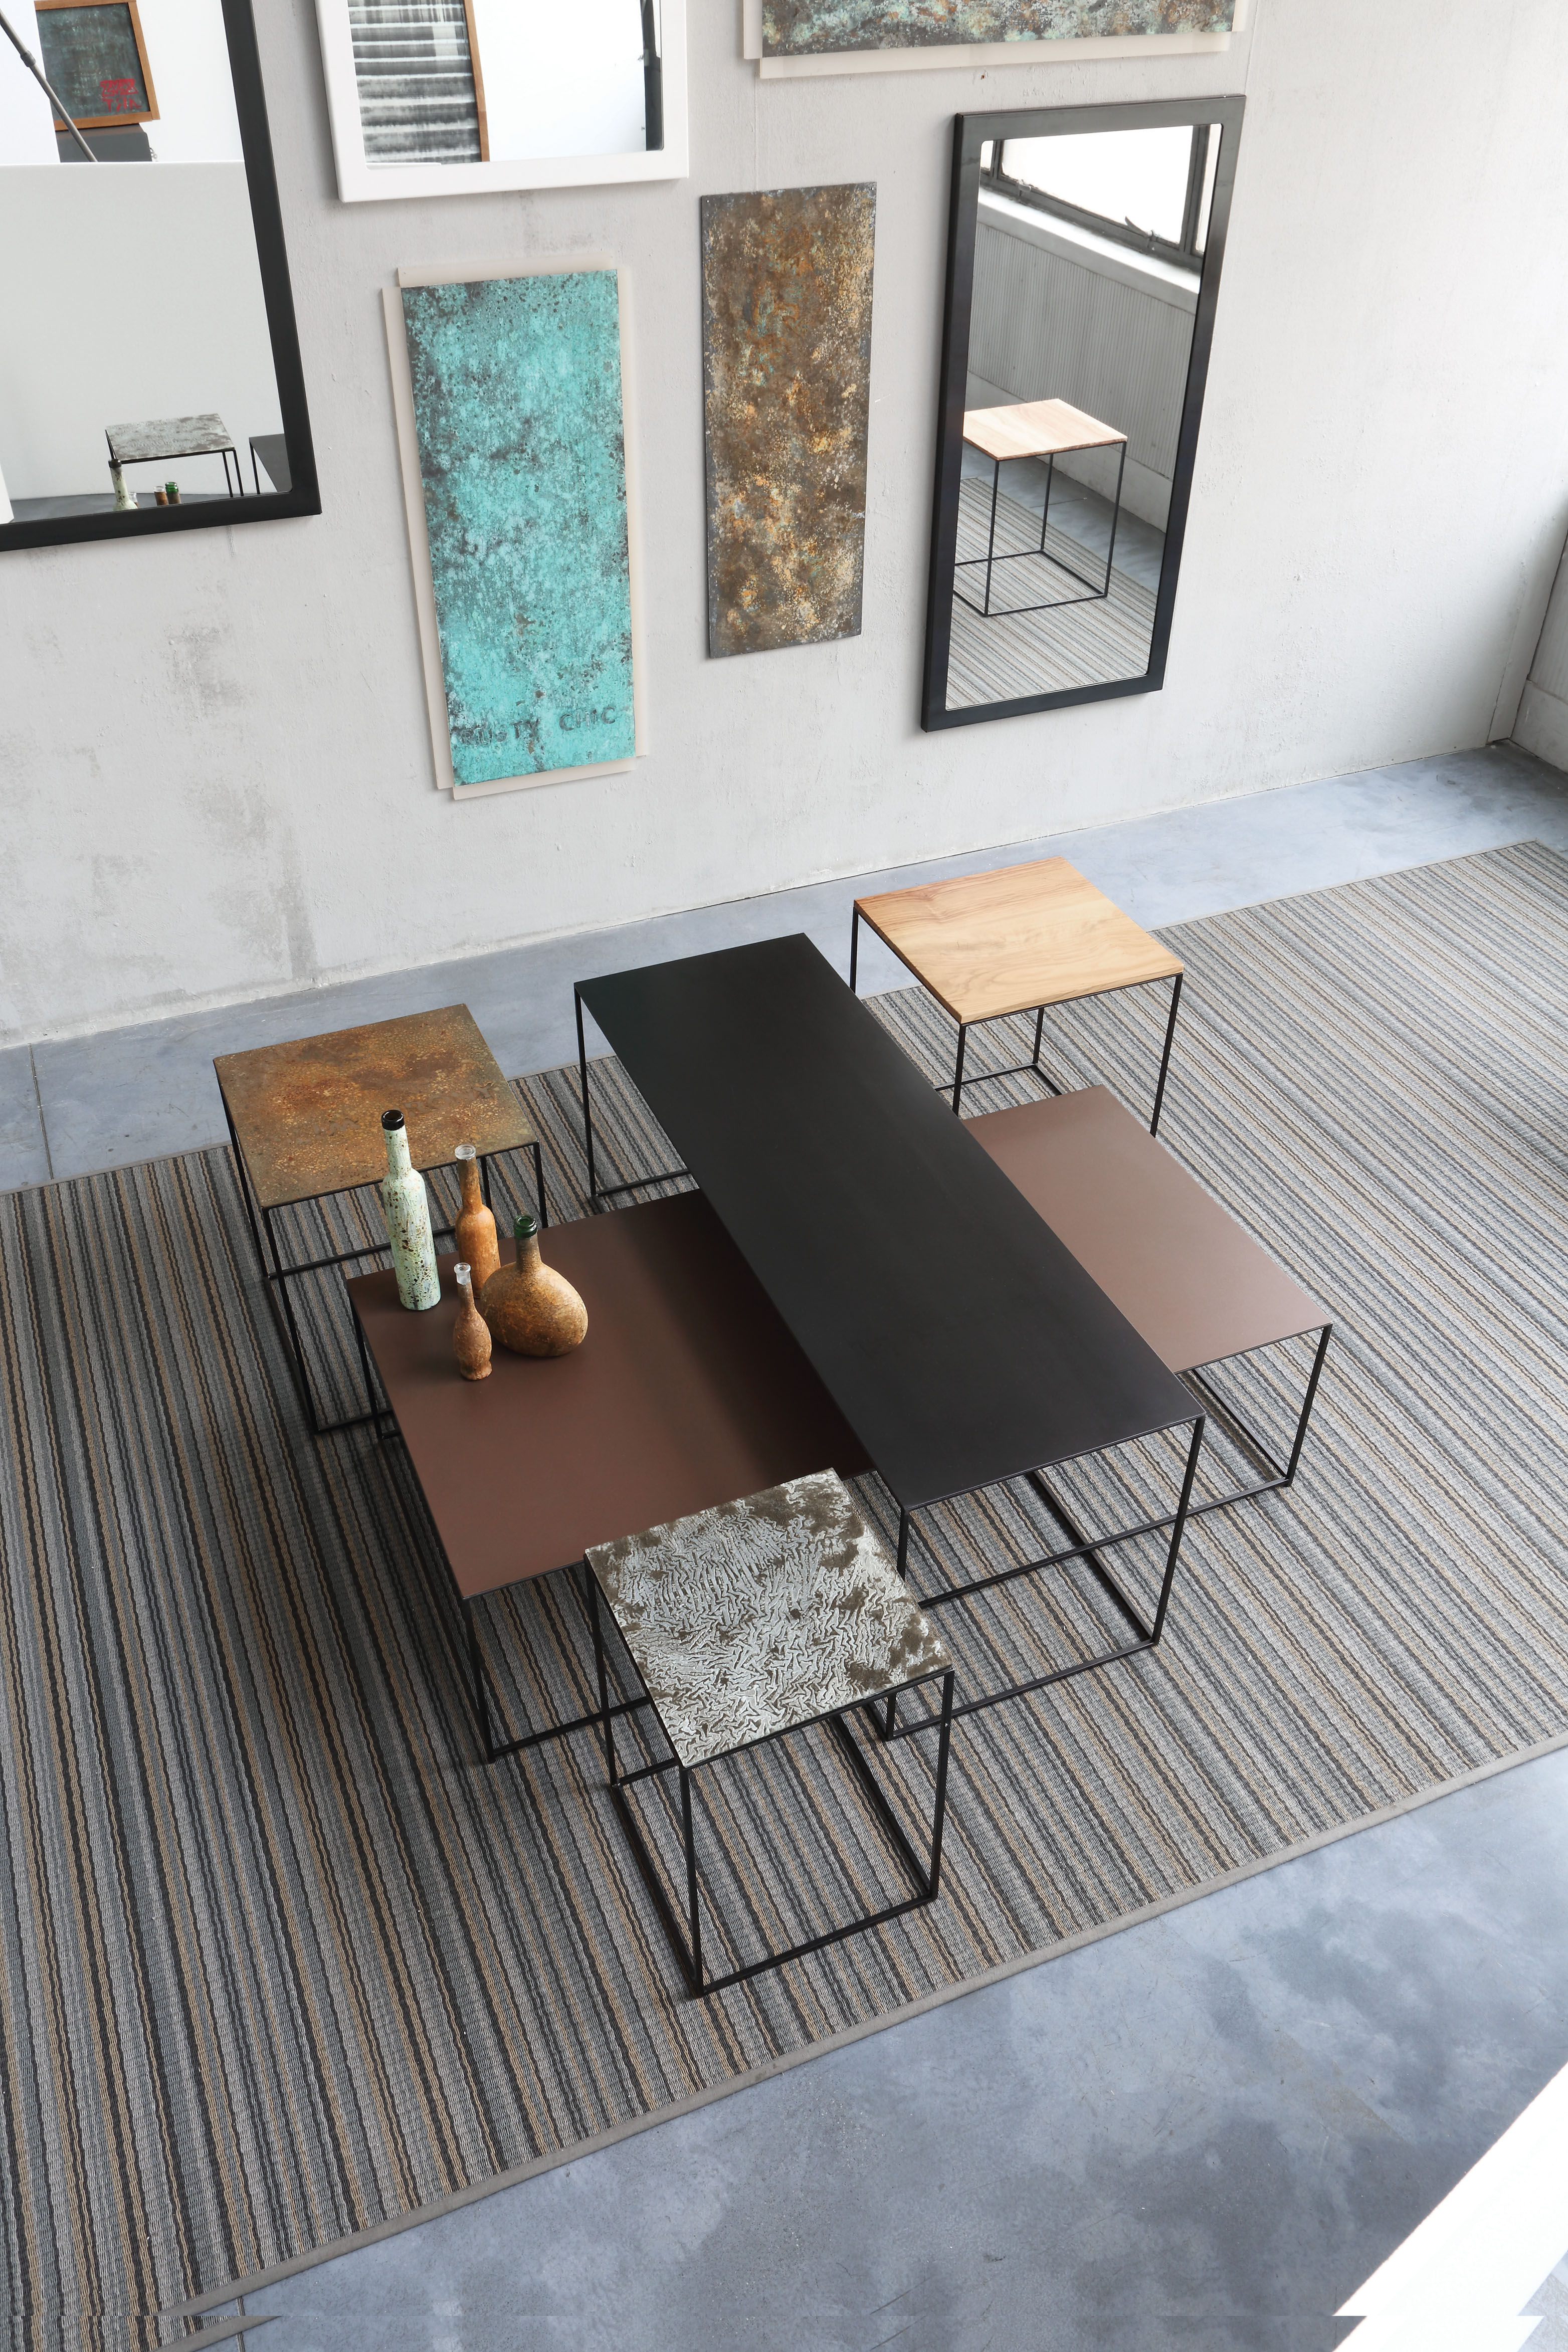 slim irony art couchtisch 124 x 62 cm tischplatte aus glas mit patinierter metall optik. Black Bedroom Furniture Sets. Home Design Ideas